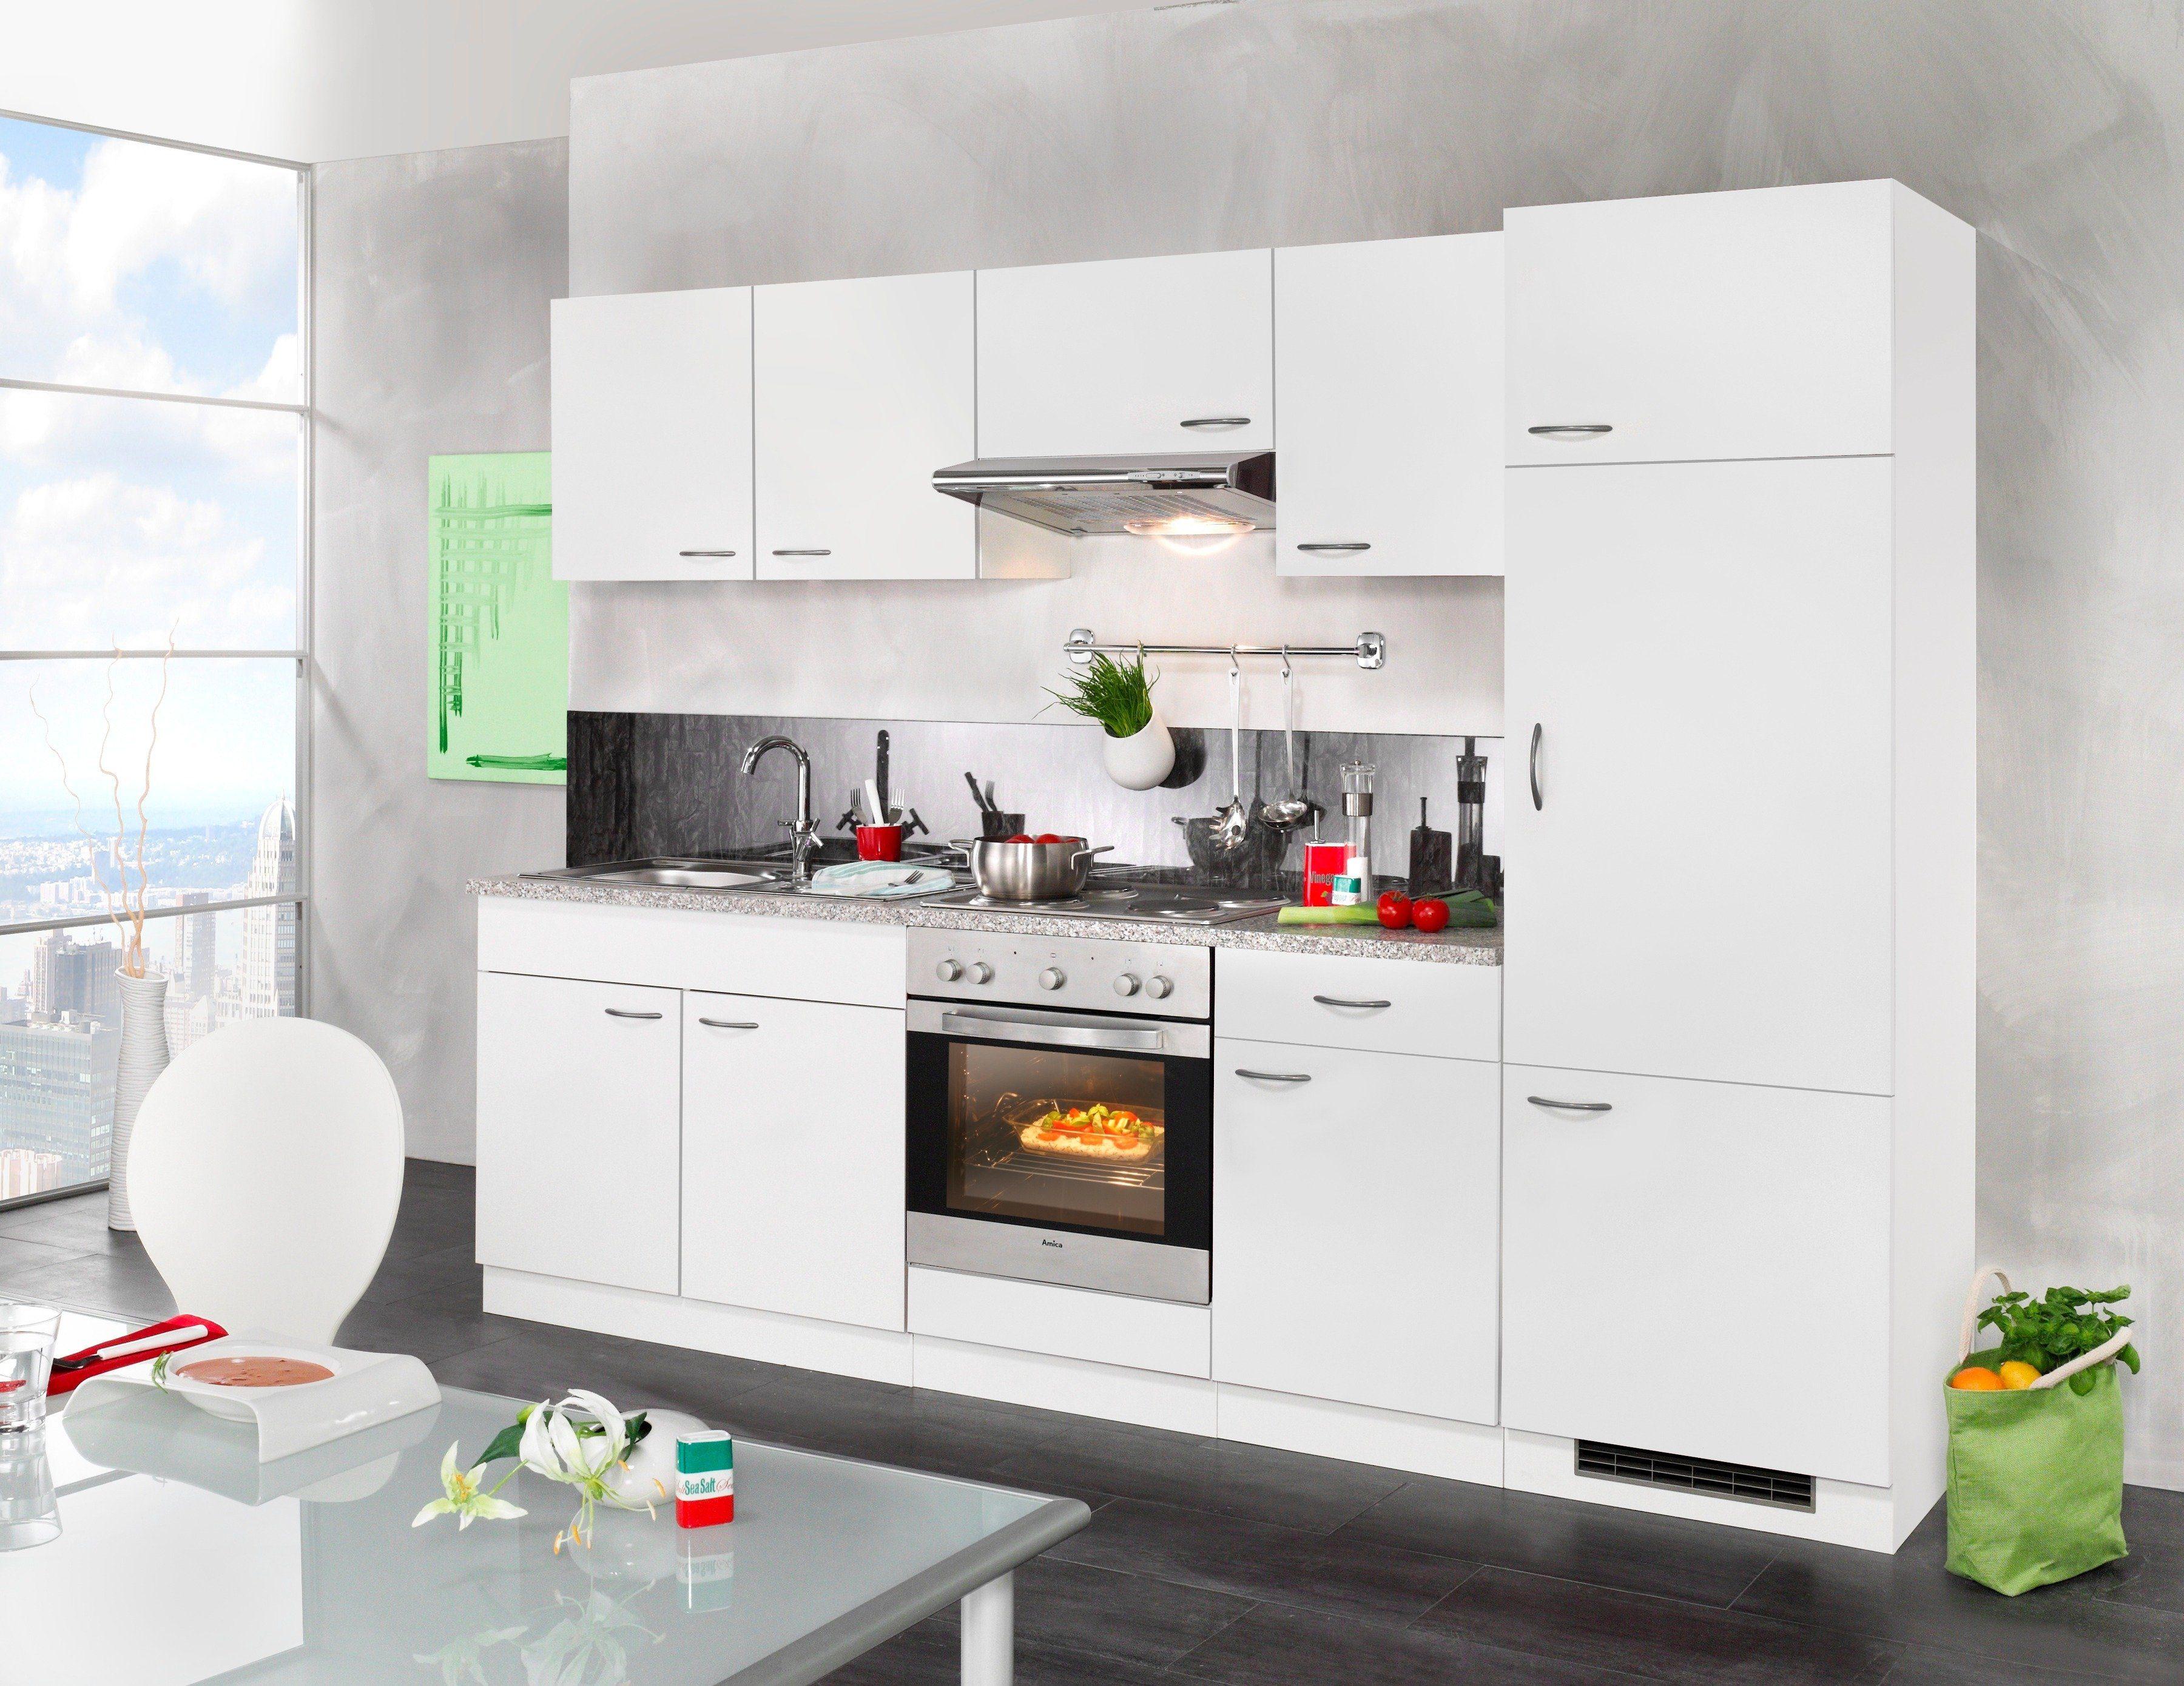 Miniküche Mit Kühlschrank 90 Cm : Küchenzeile mit geräten kaufen küchenblöcke otto